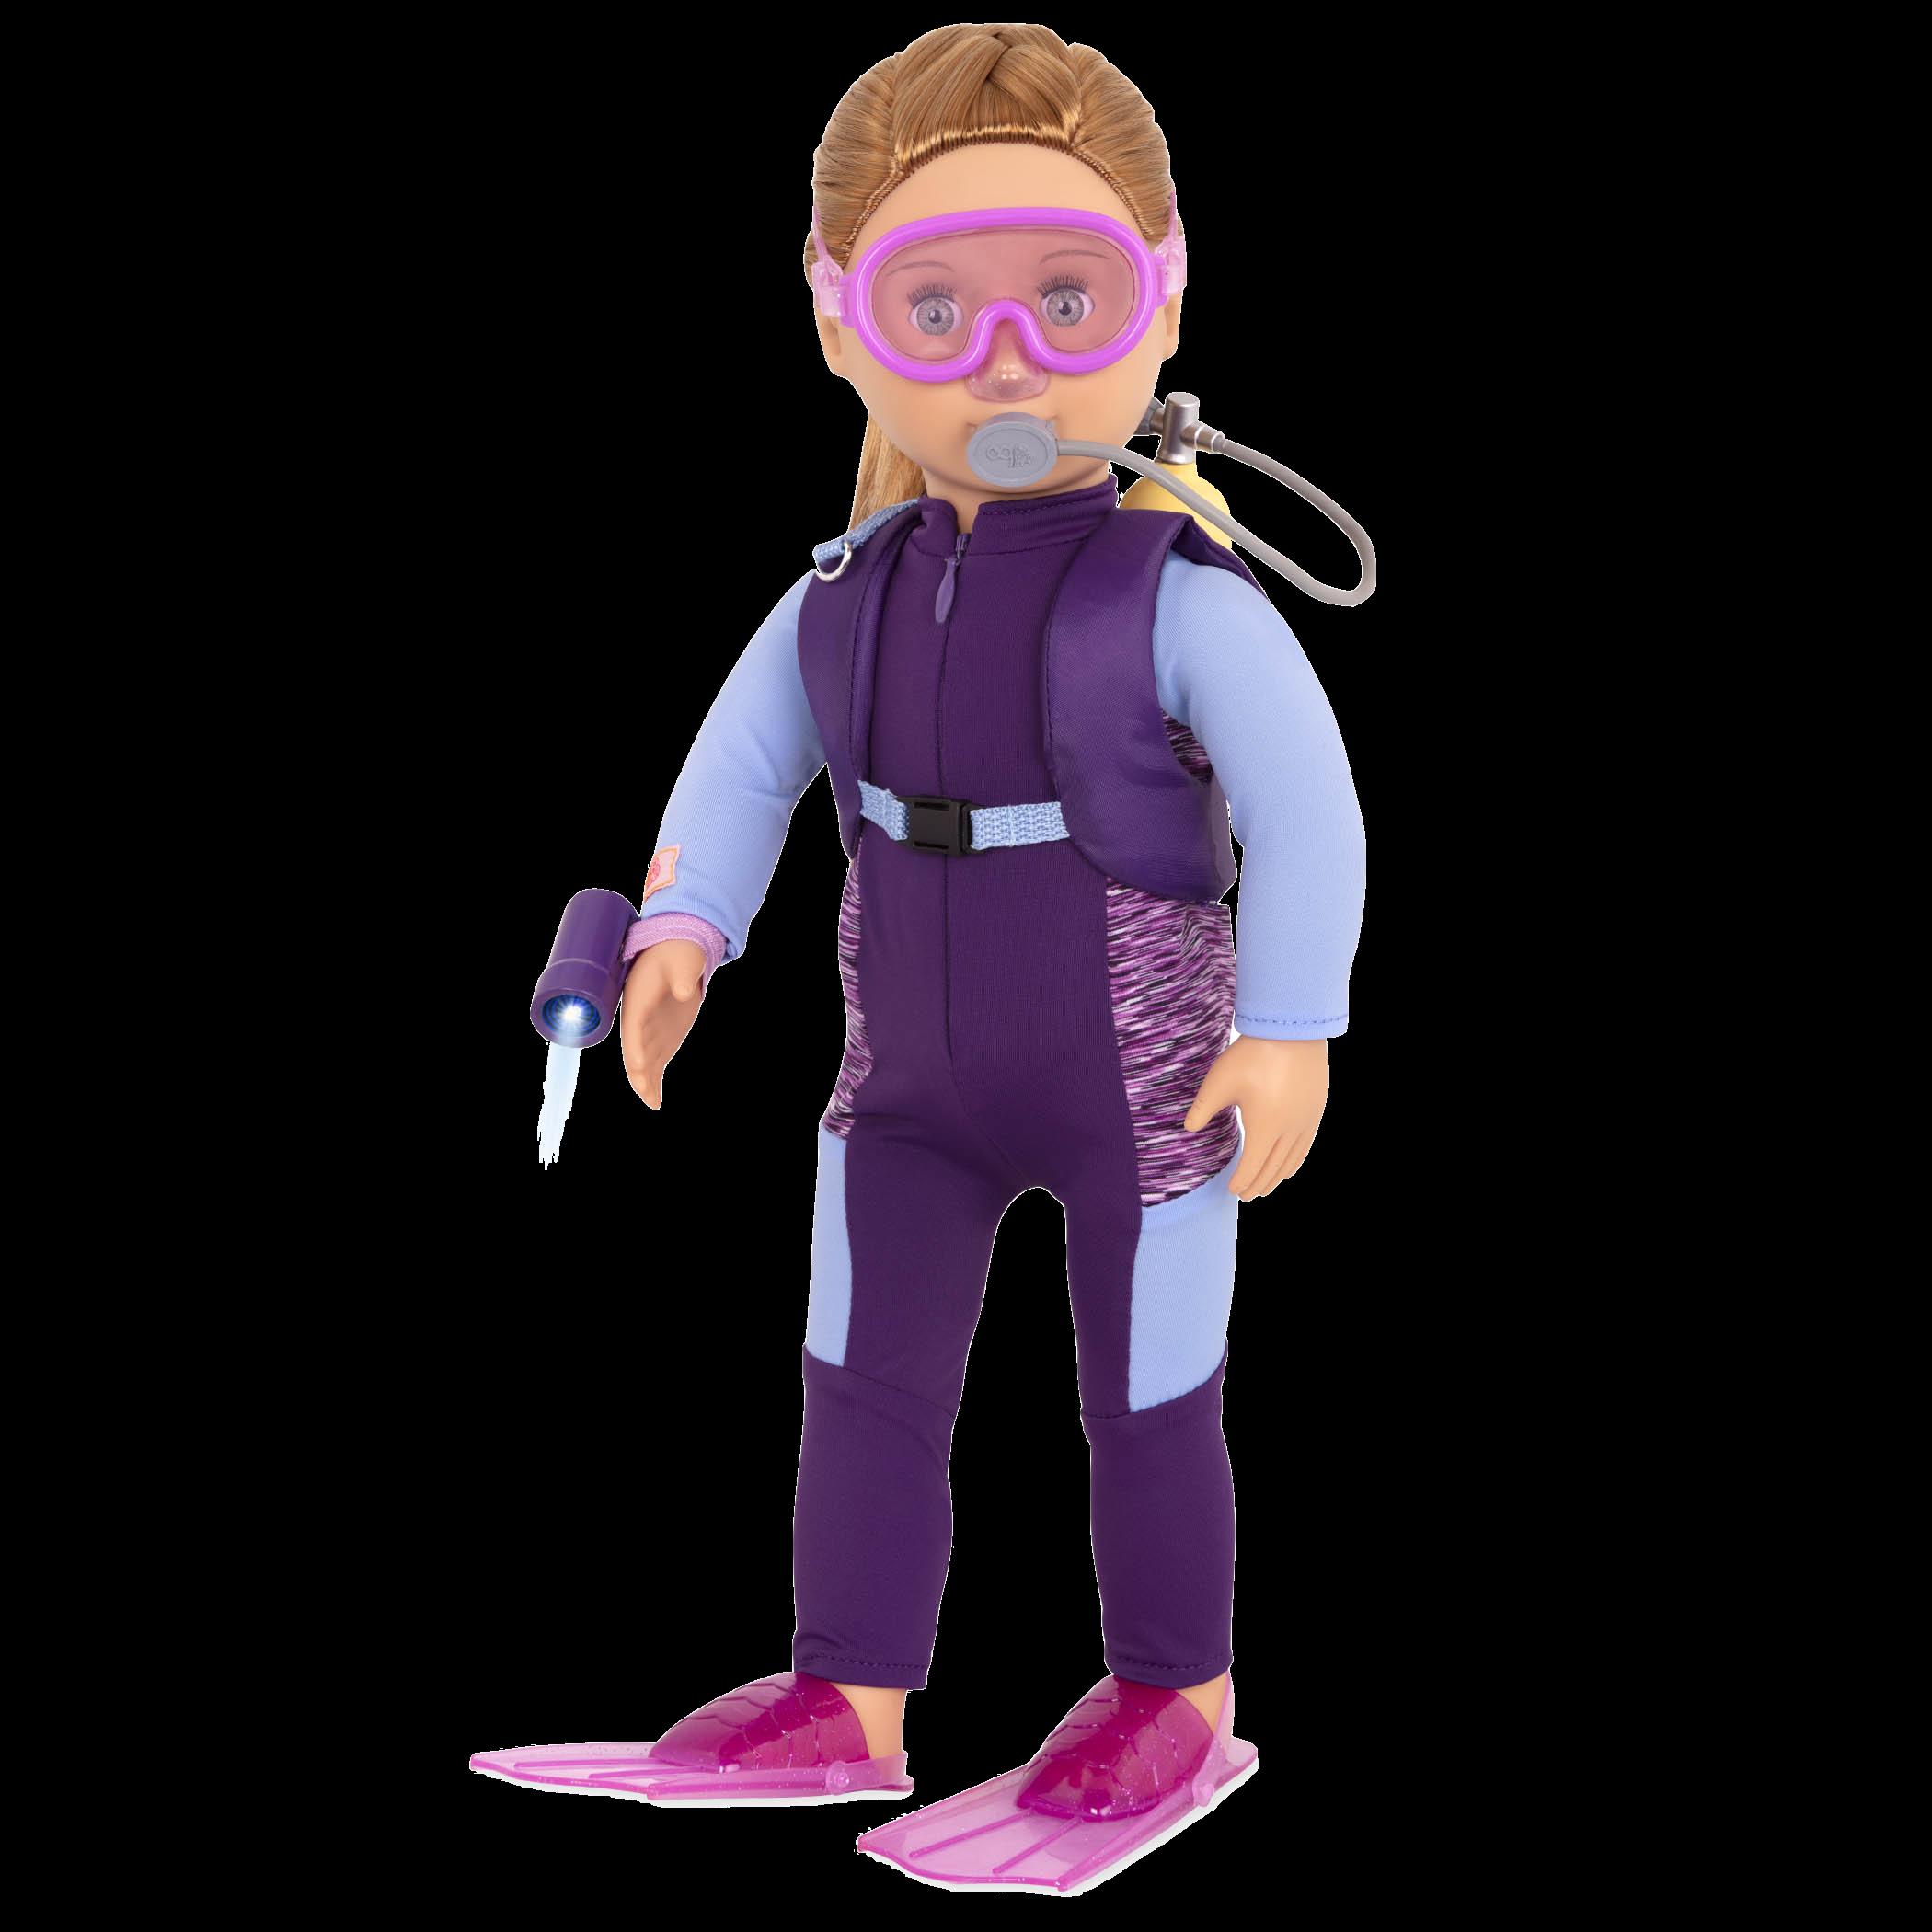 Hattie 18-inch Marine Biologist Doll